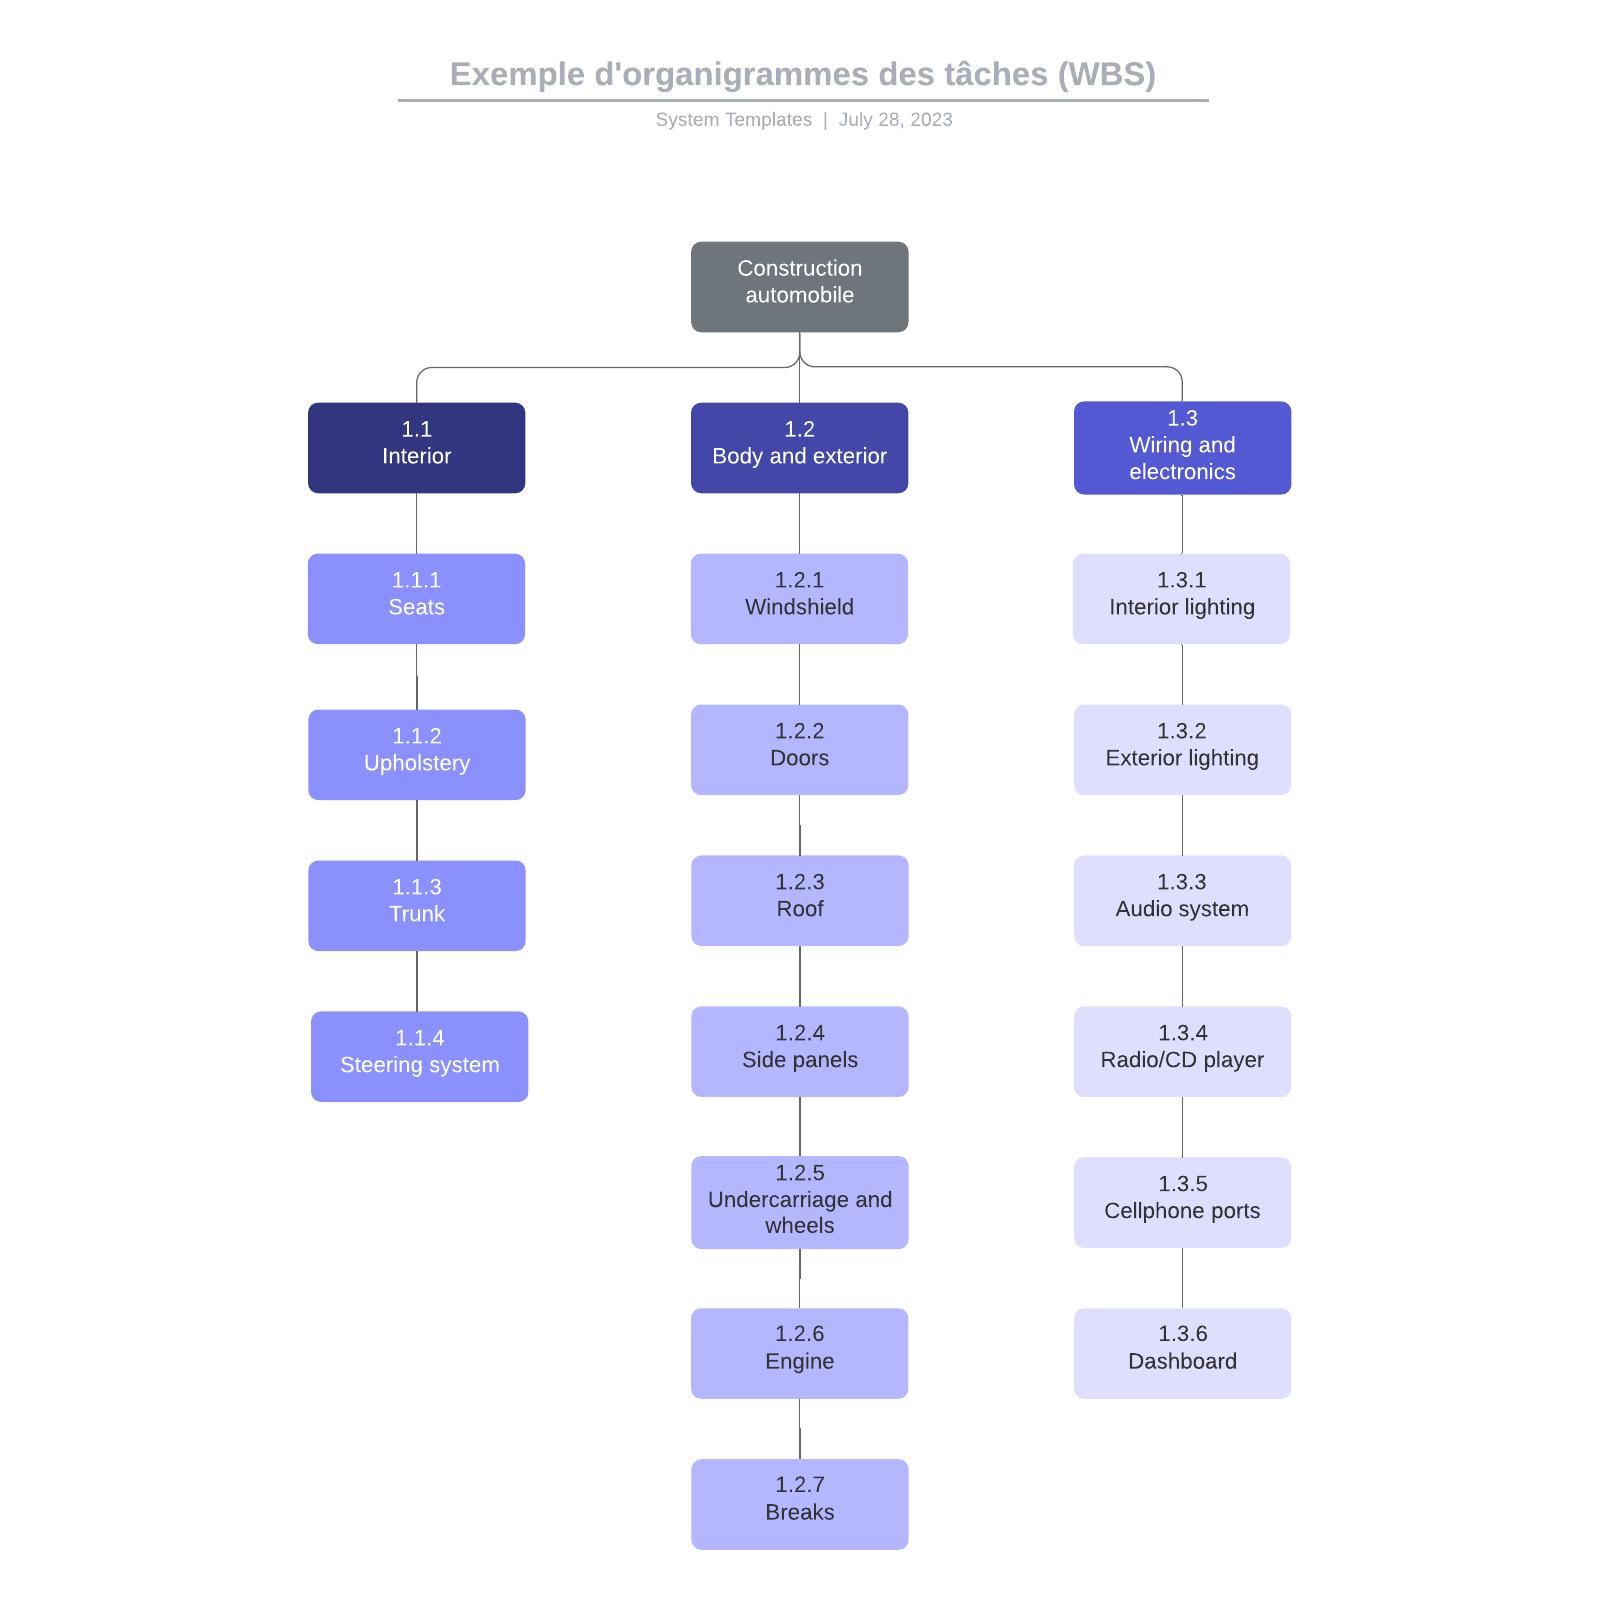 exemple d'organigrammes des tâches (WBS)